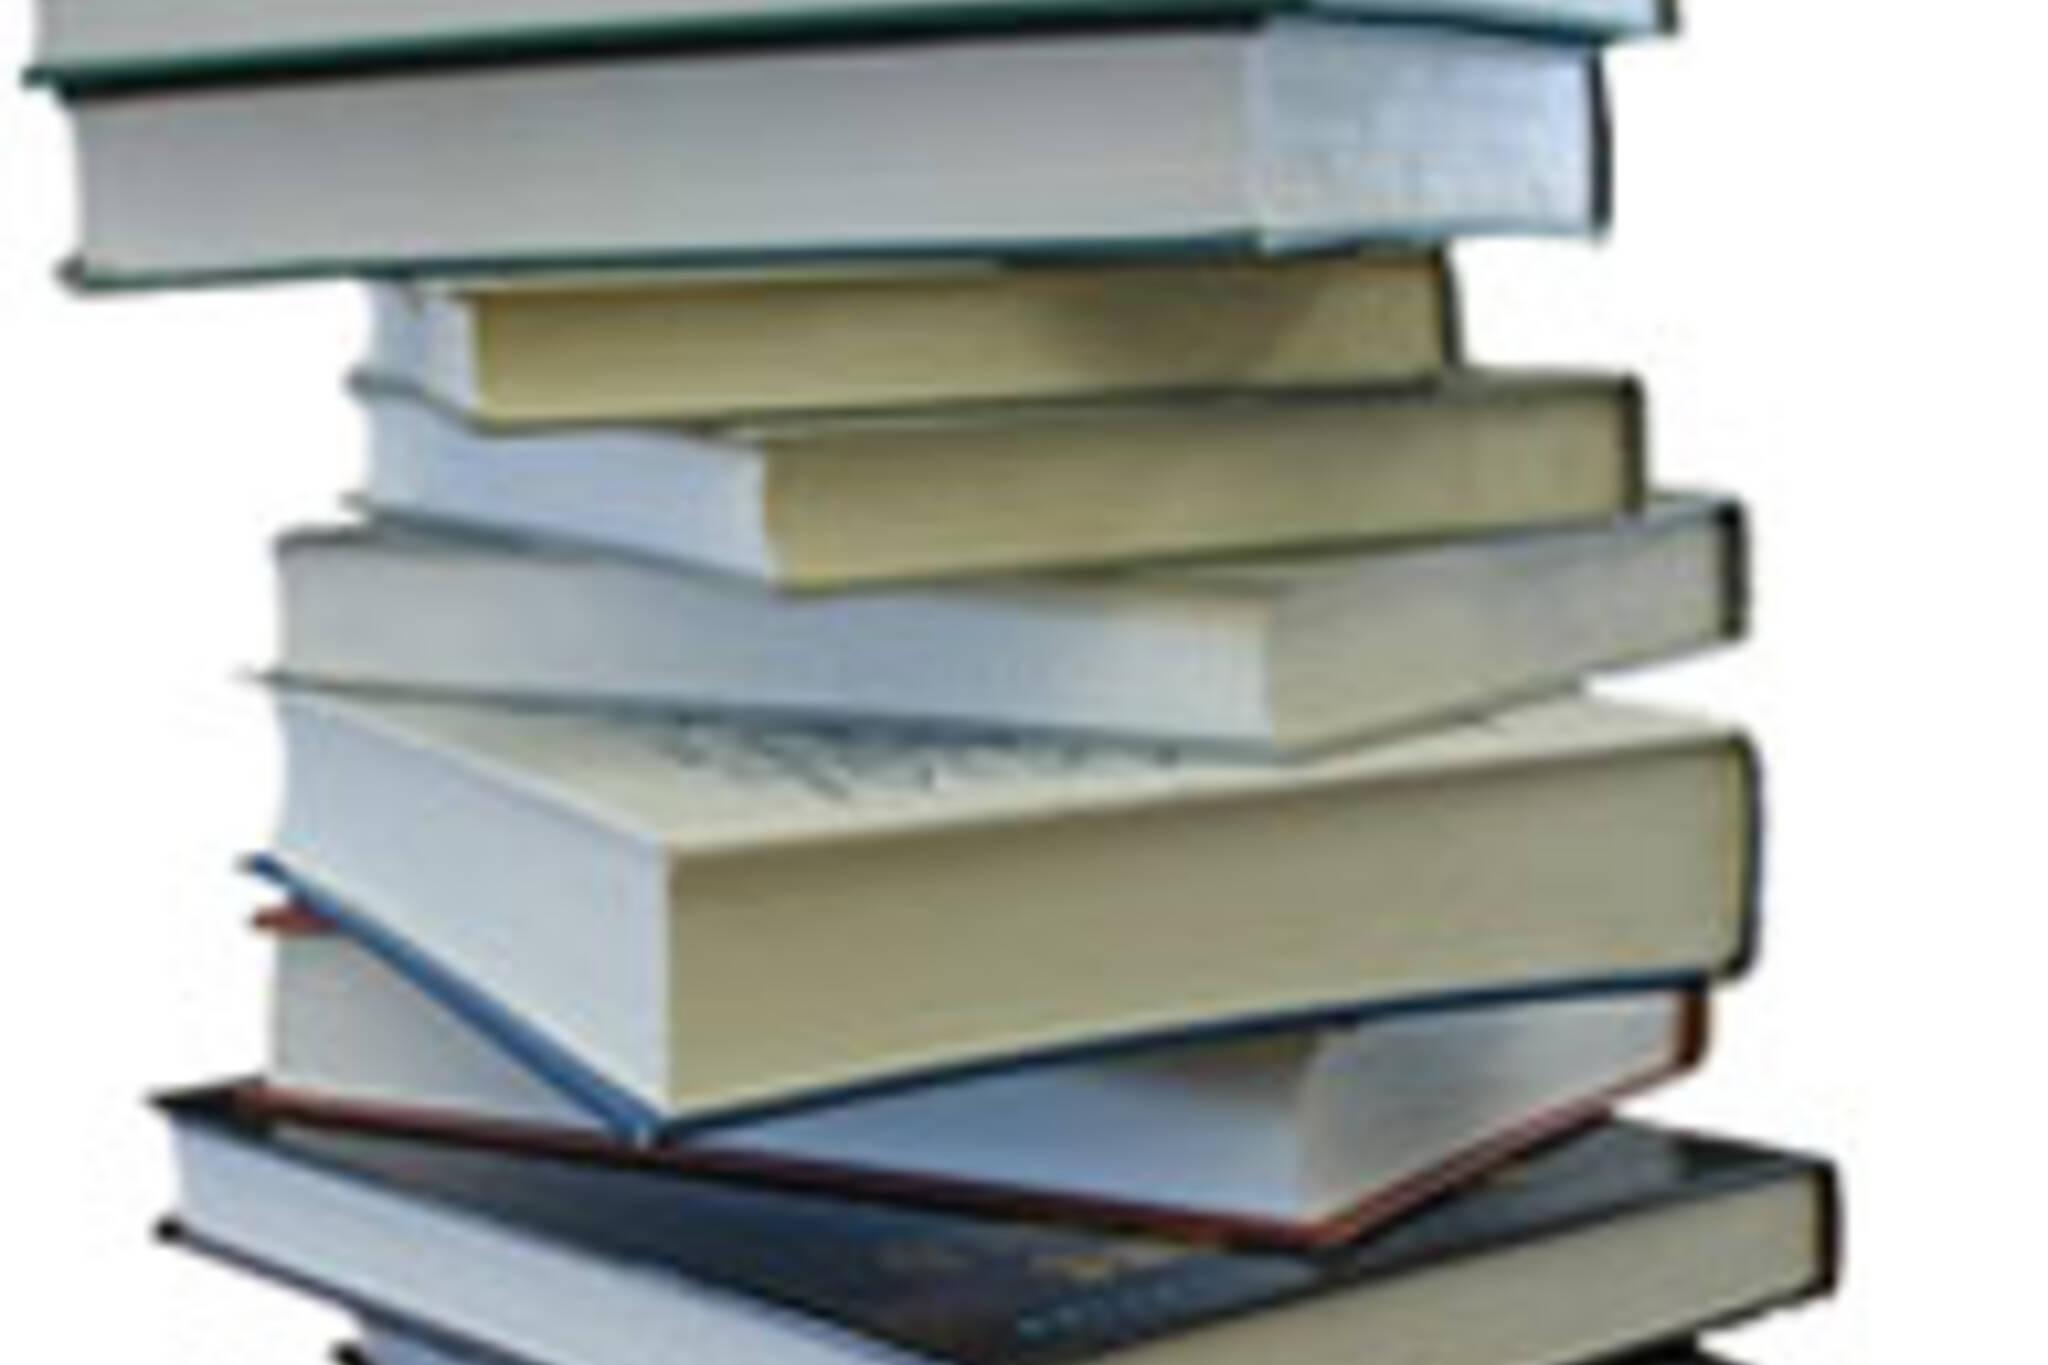 sept26-books.jpg